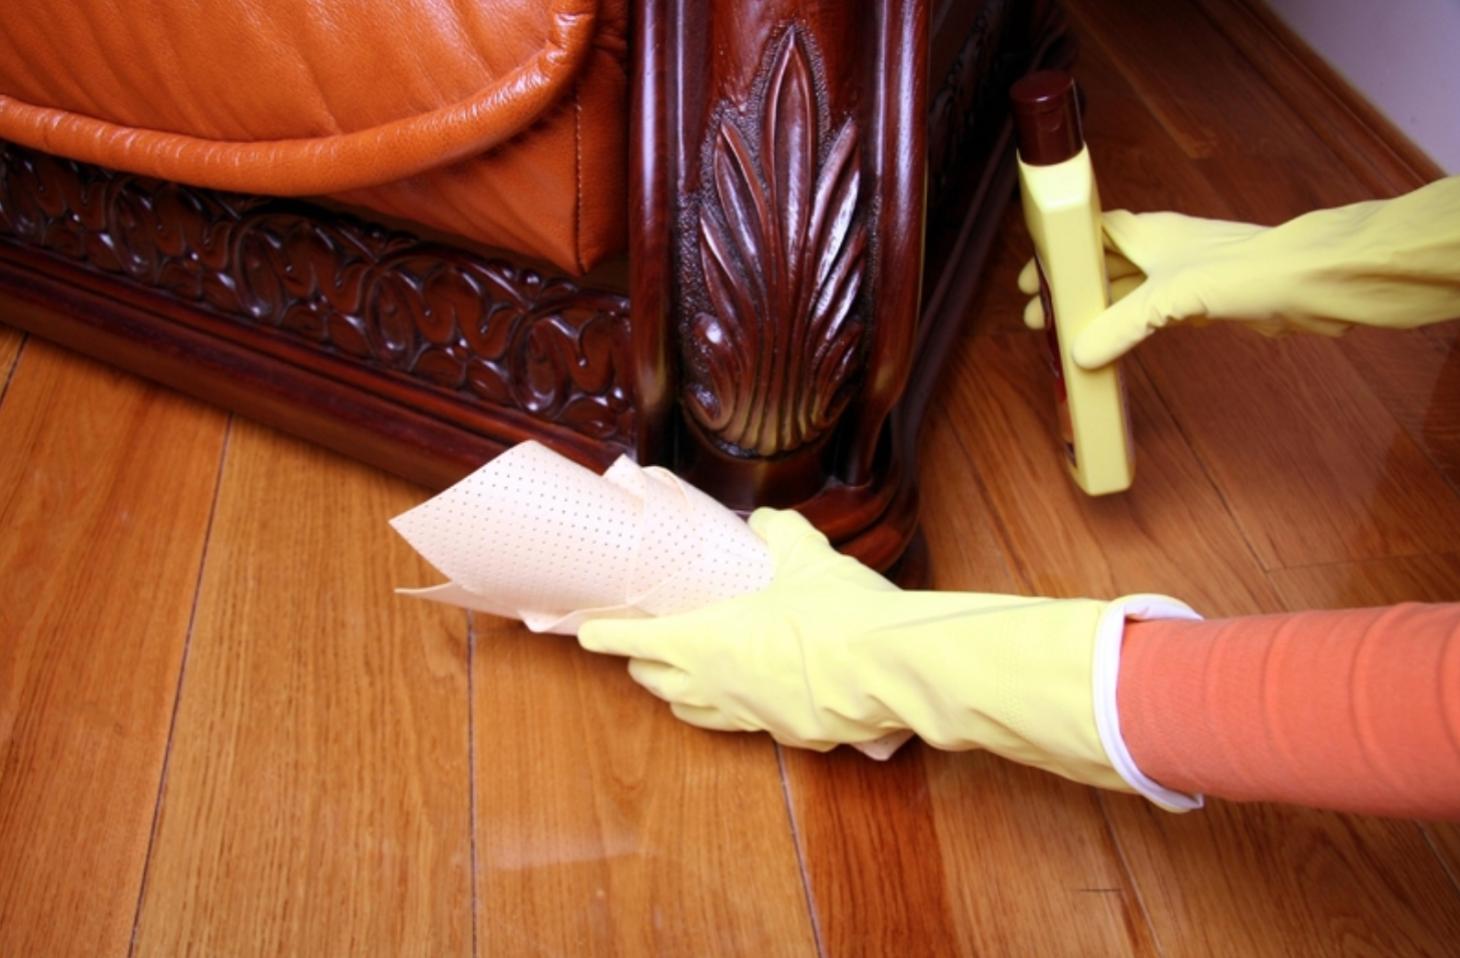 Dịch vụ sơn sửa, làm mới đồ gỗ uy tín, chất lượng. - GỌI THỢ